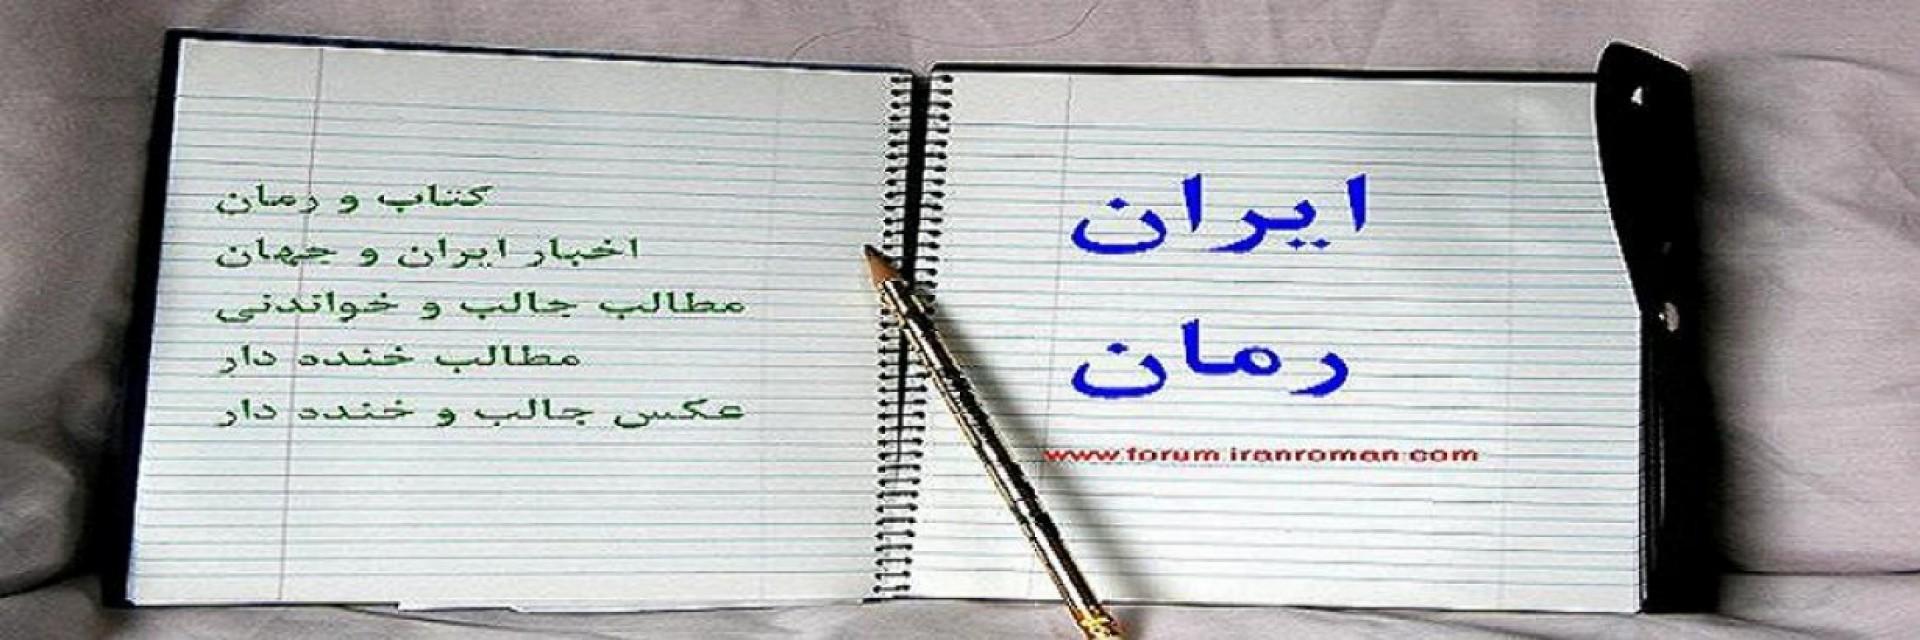 ایران رمان